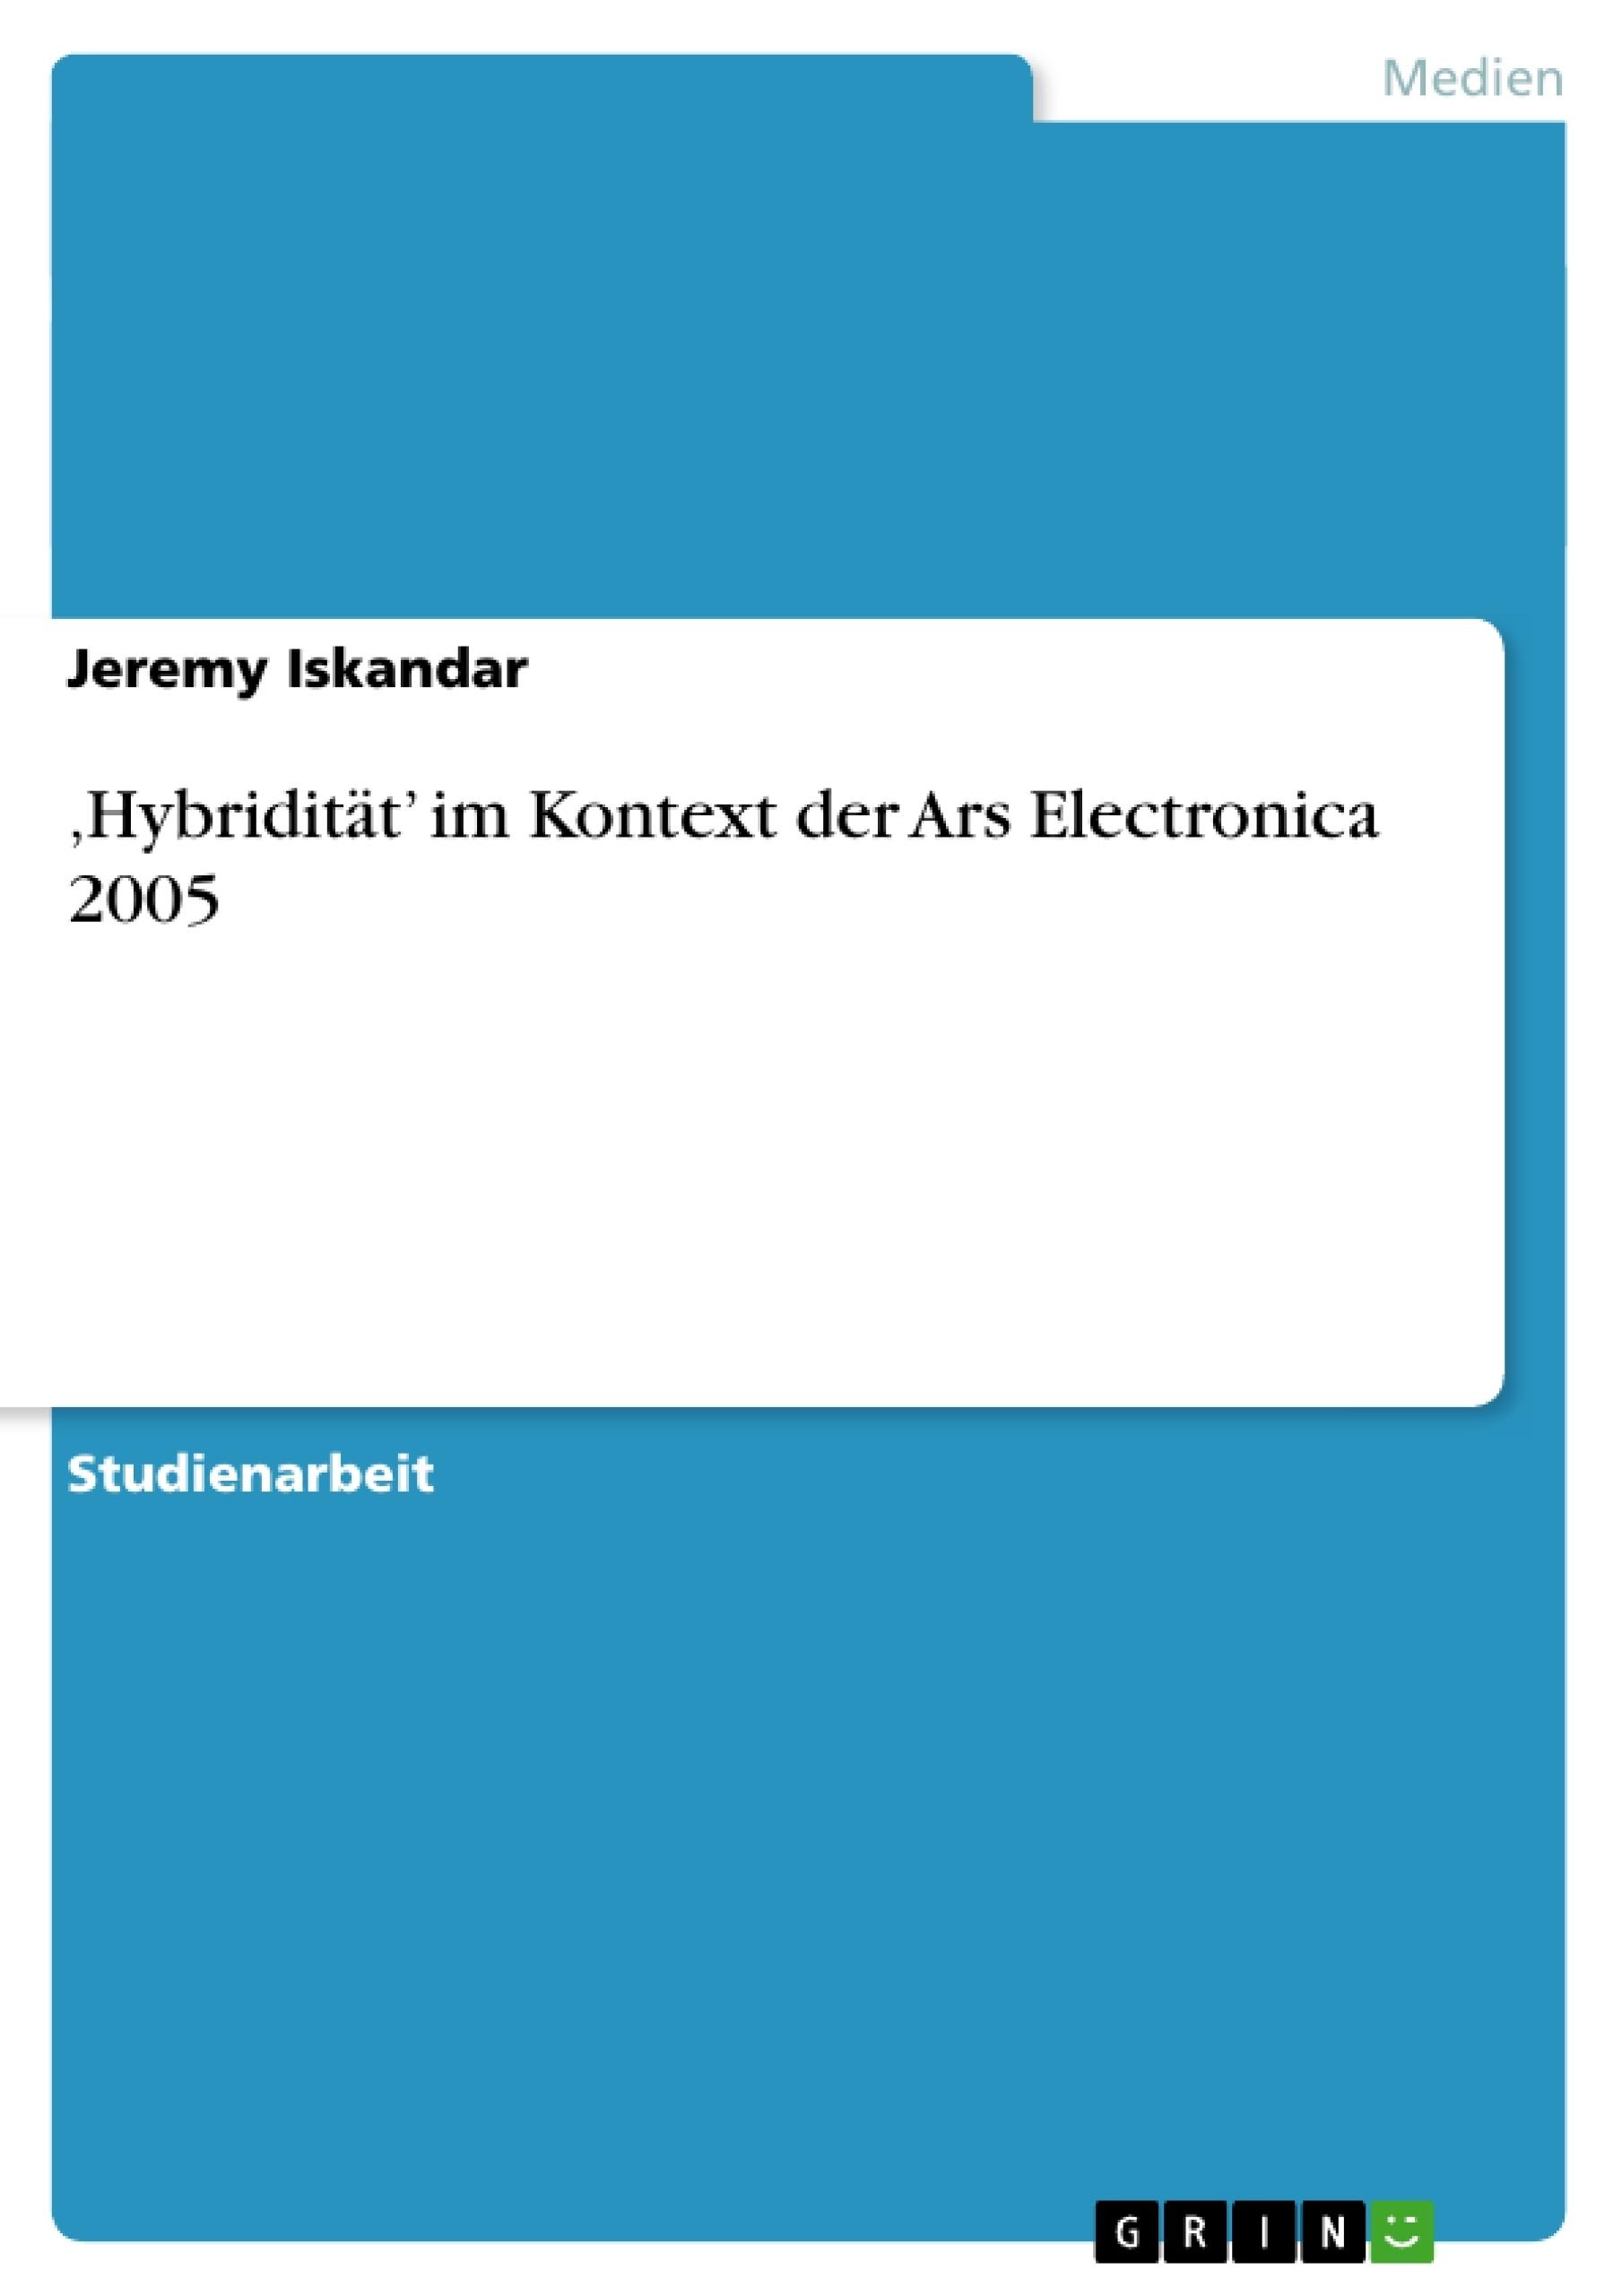 Titel: 'Hybridität' im Kontext der Ars Electronica 2005